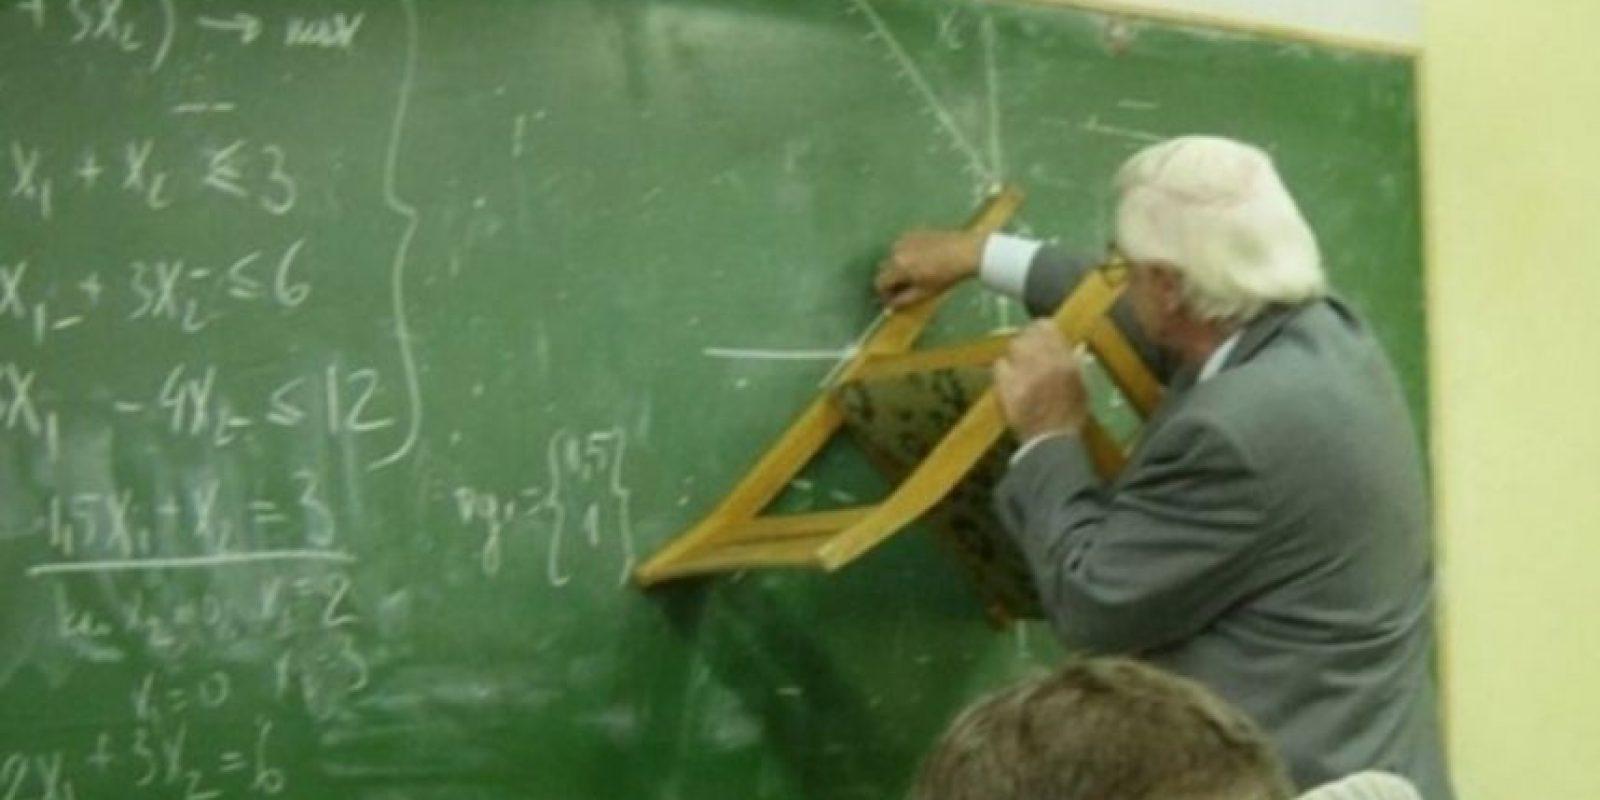 Estos profesores también sorprendieron a sus alumnos Foto:Reddit